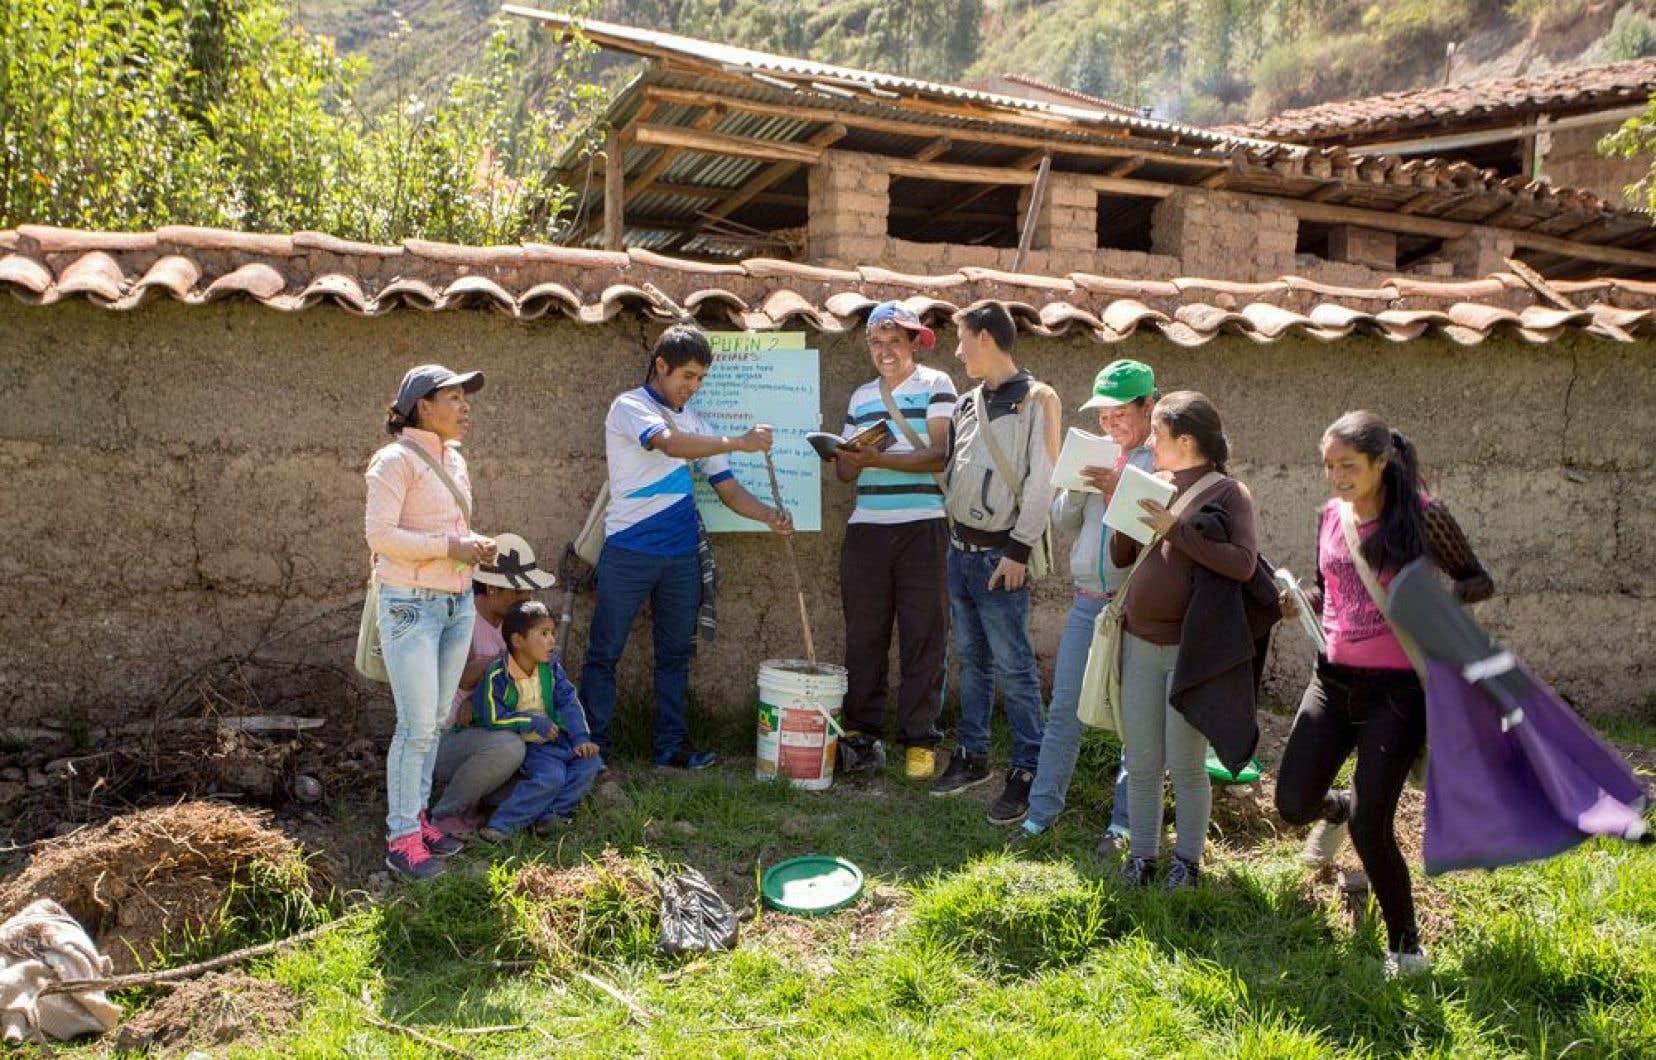 SUCO a aussi entrepris des actions au Pérou, où l'organisme a développé un programme de formation semblable à celui du Nicaragua, reconnu par le ministère de l'Éducation et qui a permis de travailler avec des communautés isolées en haute altitude.